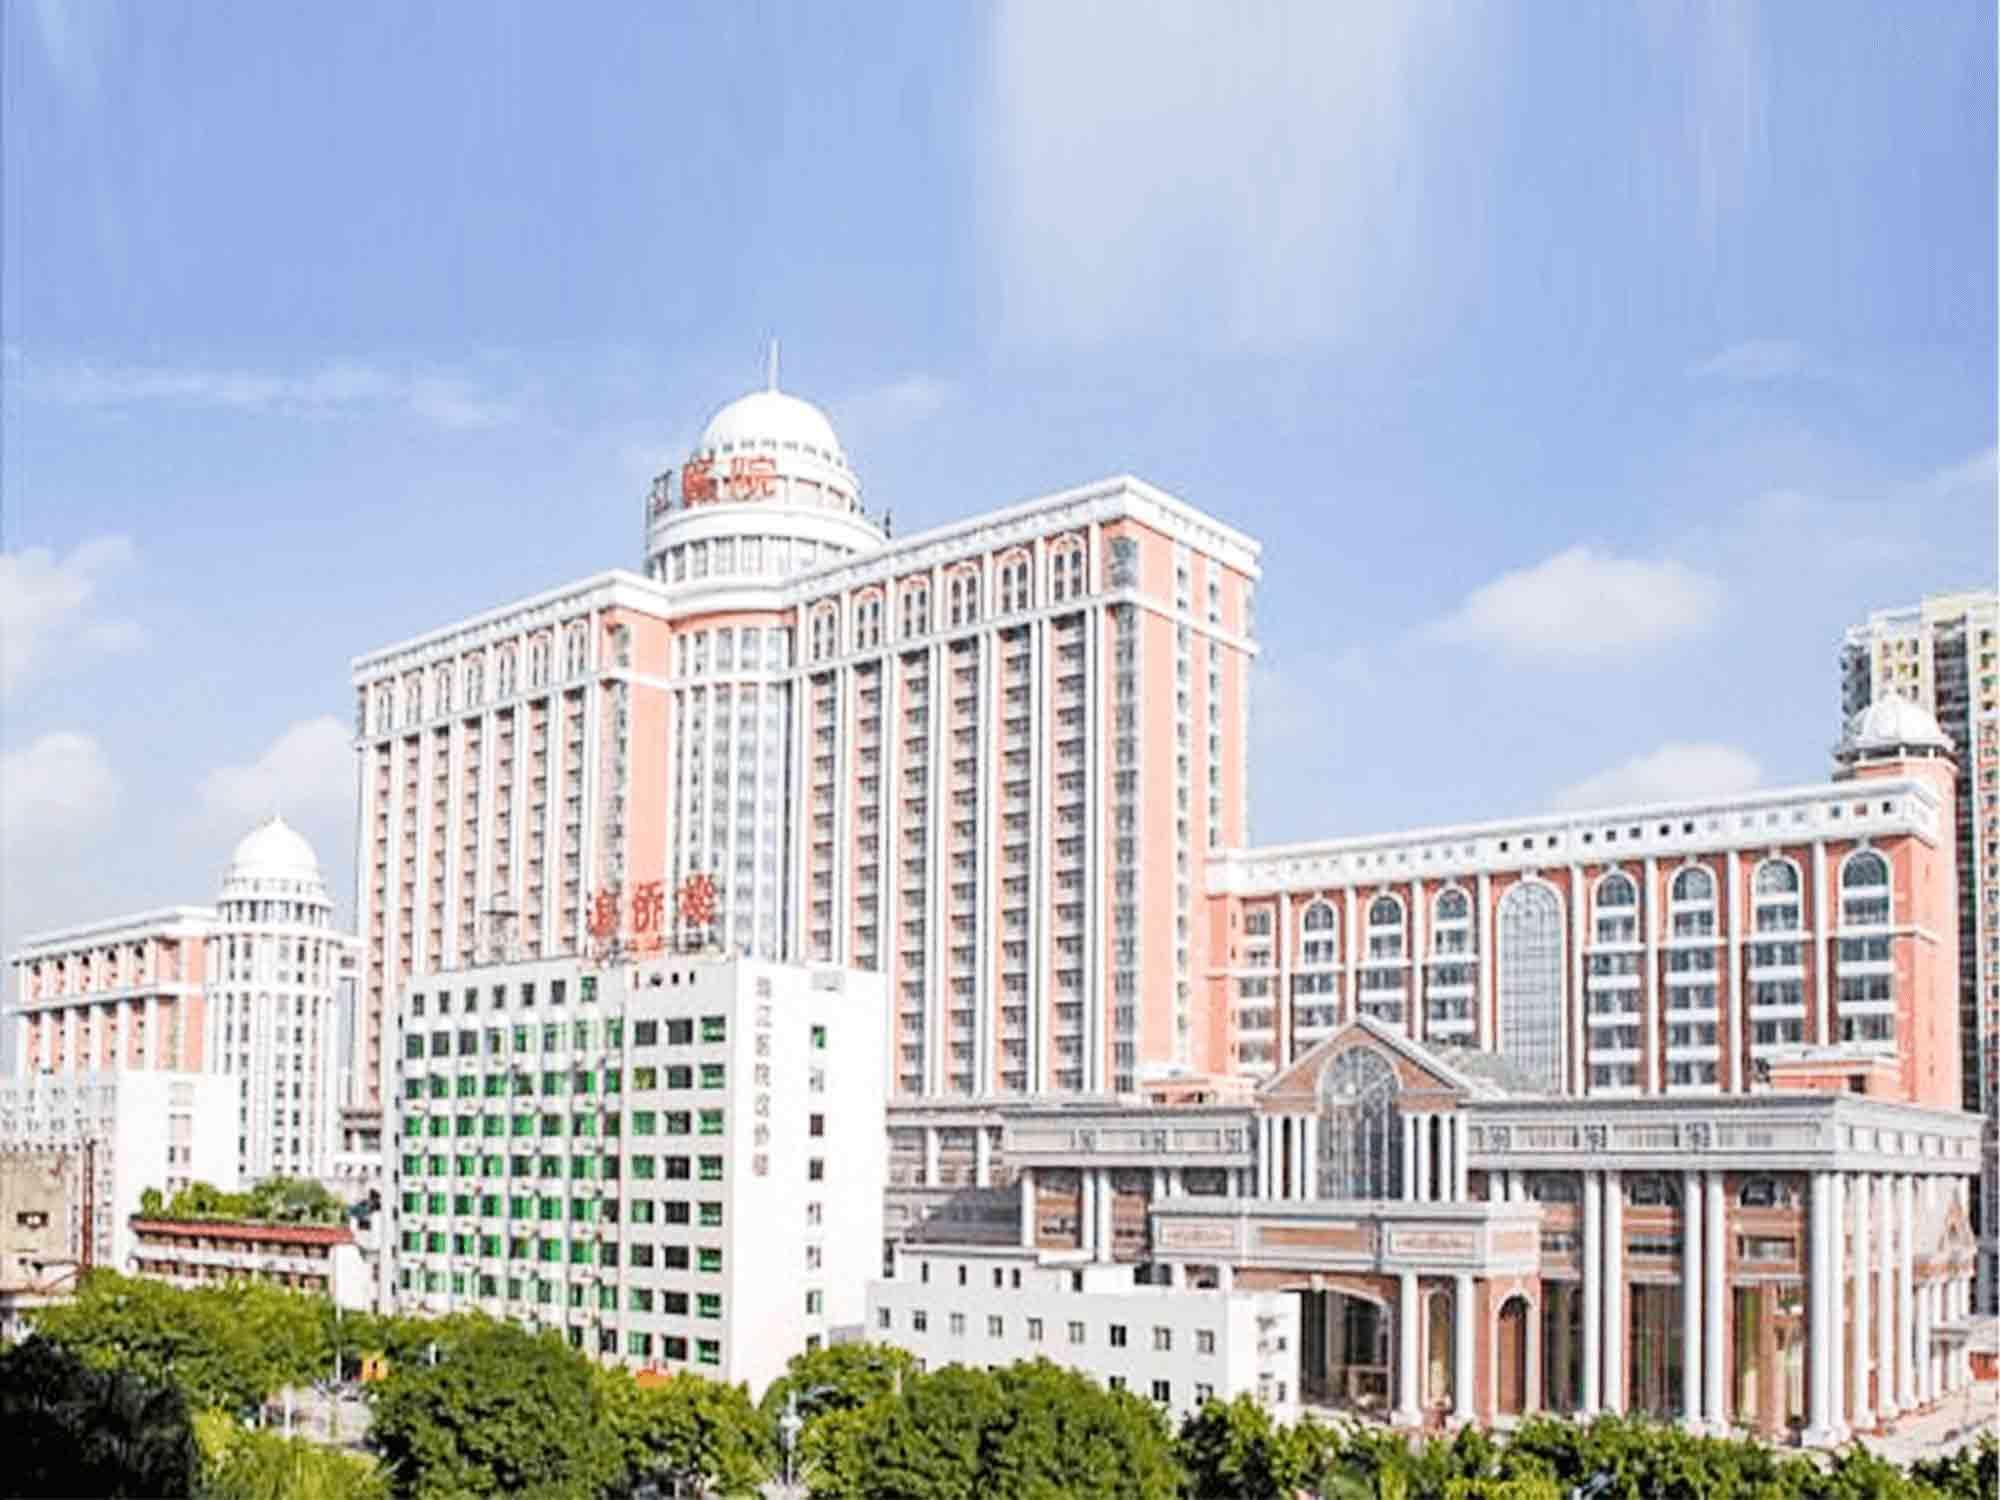 南方医科大学附属珠江医院体检中心(南方医科大学附属第二医院)